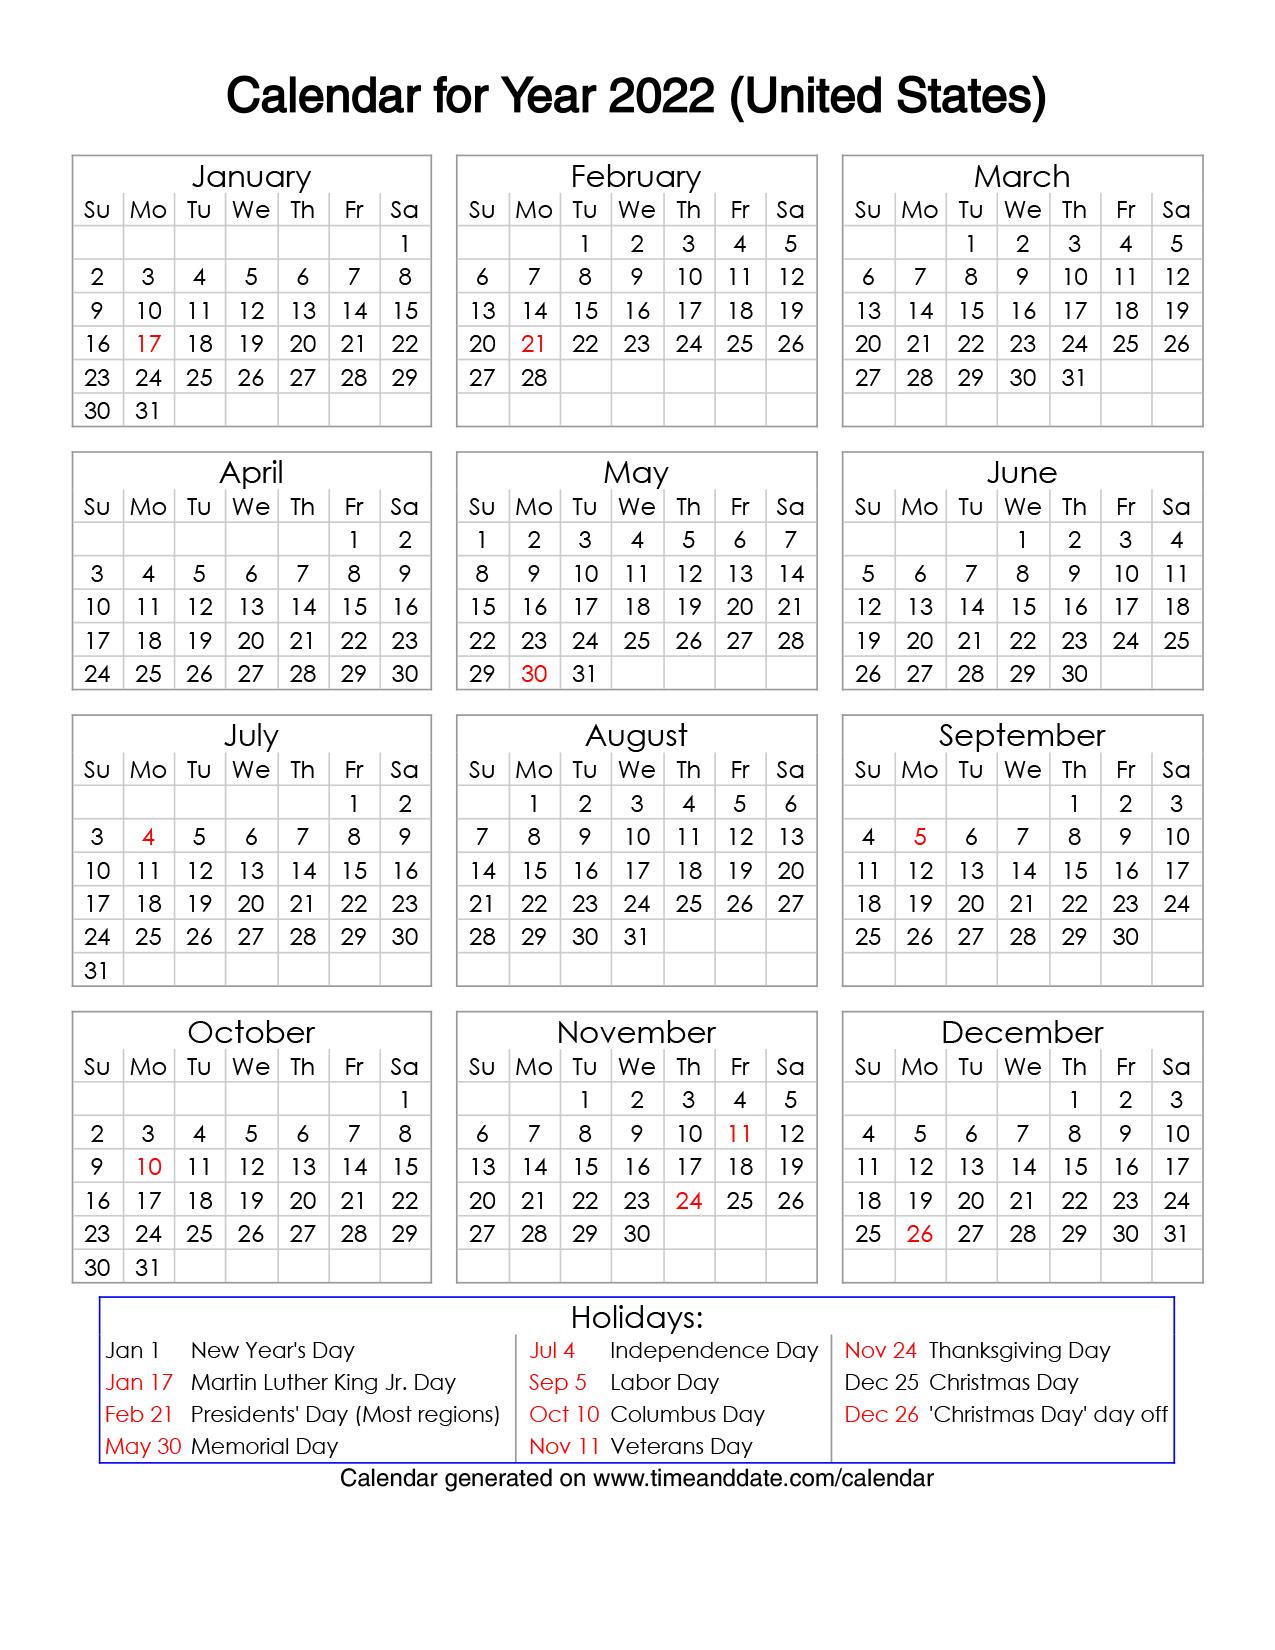 Timeanddate 2022 Calendar.Https Airstudiopaducah Com Online Gallery Of Previous Residents Https Airstudiopaducah Files Wordpress Com 2020 12 Brent Baggett A Png Brent Baggett A Https Airstudiopaducah Files Wordpress Com 2020 11 Kadie Nugent Jpeg Kadie Nugent Https